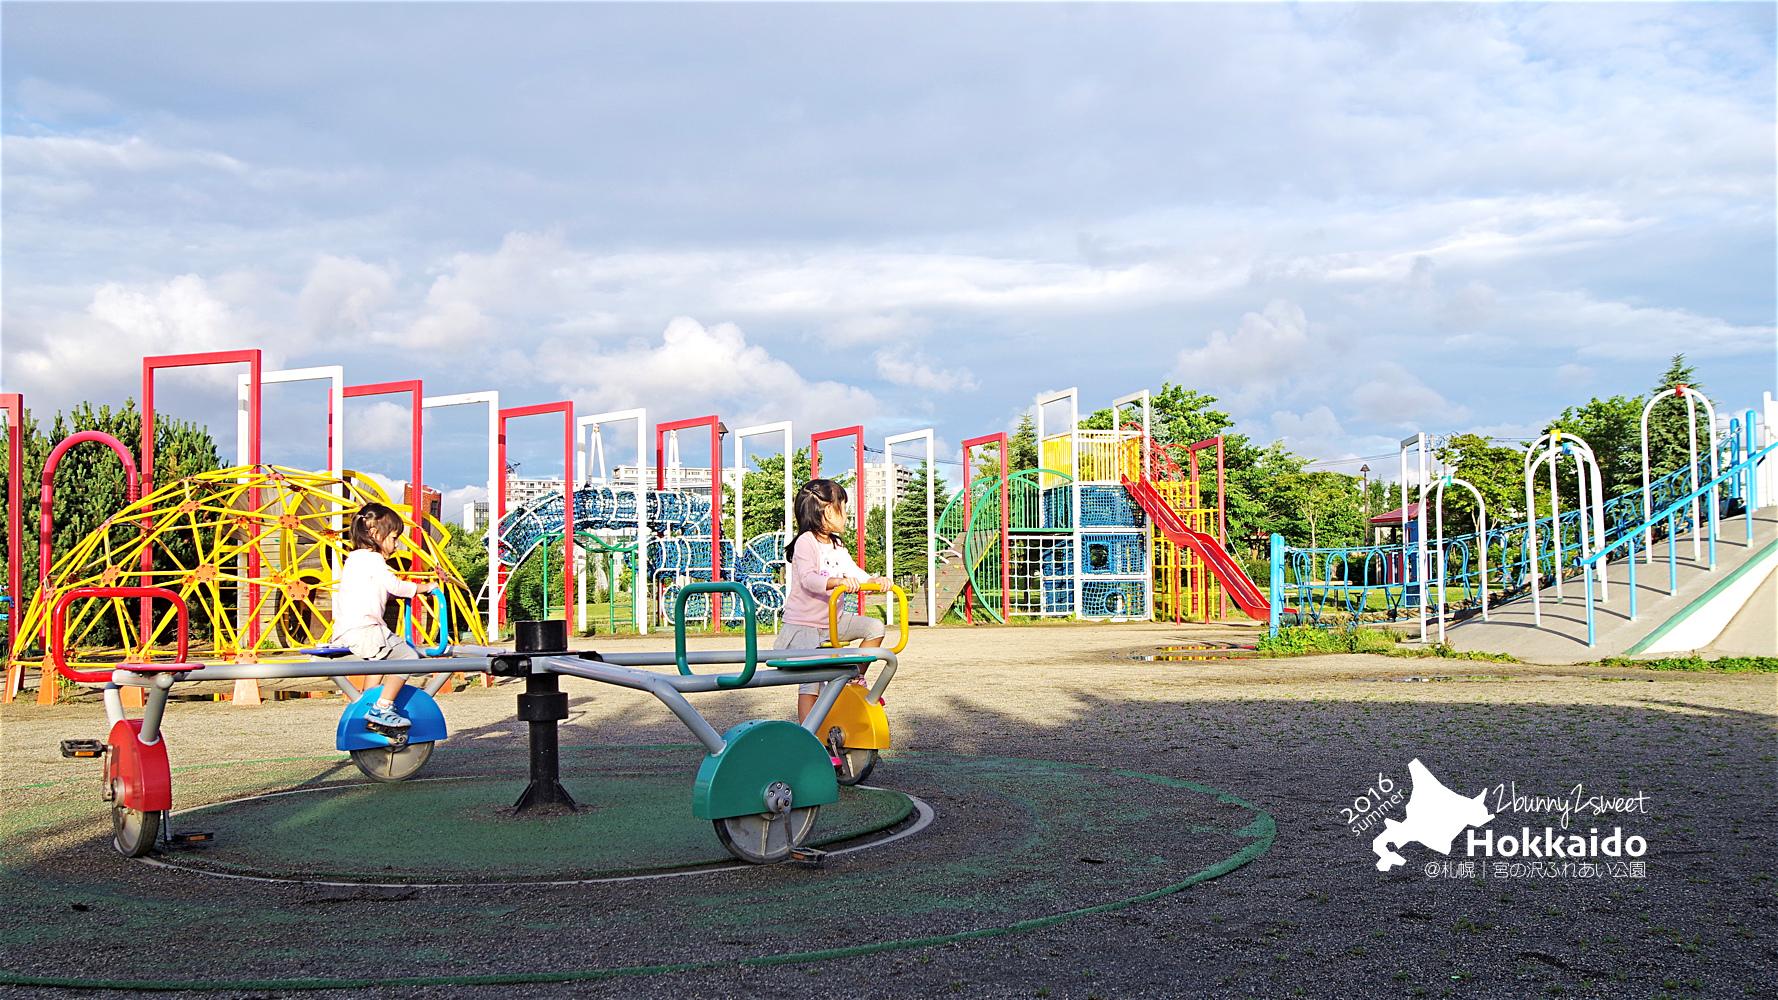 2016-0626-宮の沢ふれあい公園-24.jpg